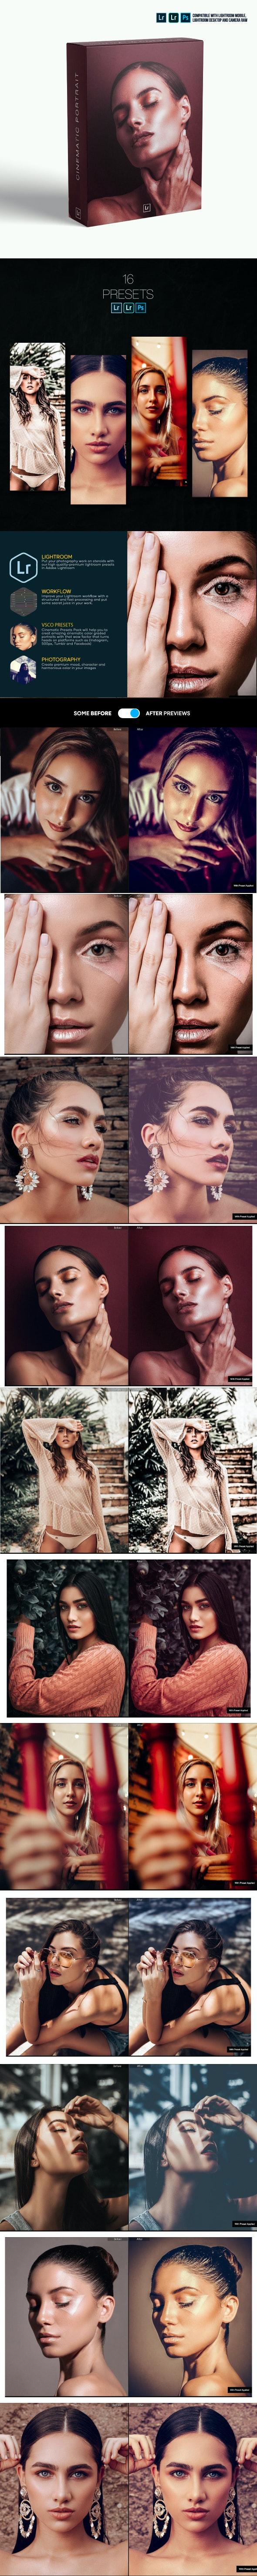 Cinematic Portrait Lightroom Presets Mobile and Desktop - Lightroom Presets Add-ons